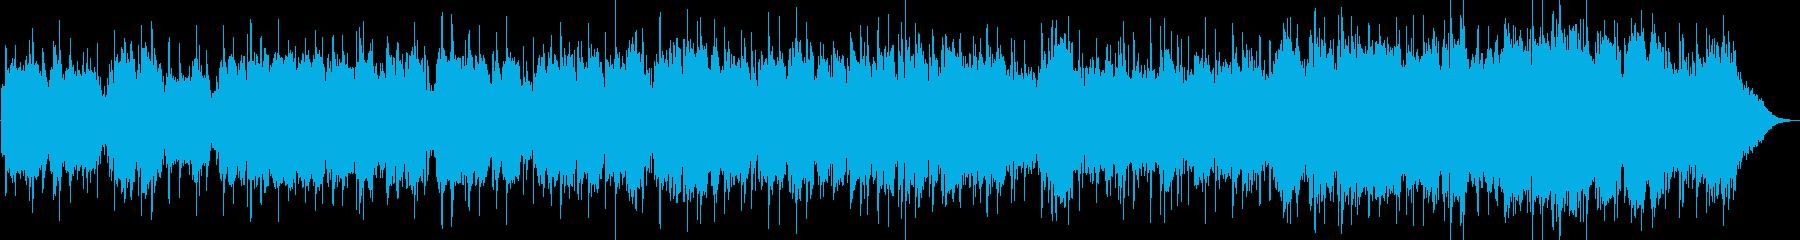 竹笛とシンセサイザーのヒーリング音楽の再生済みの波形